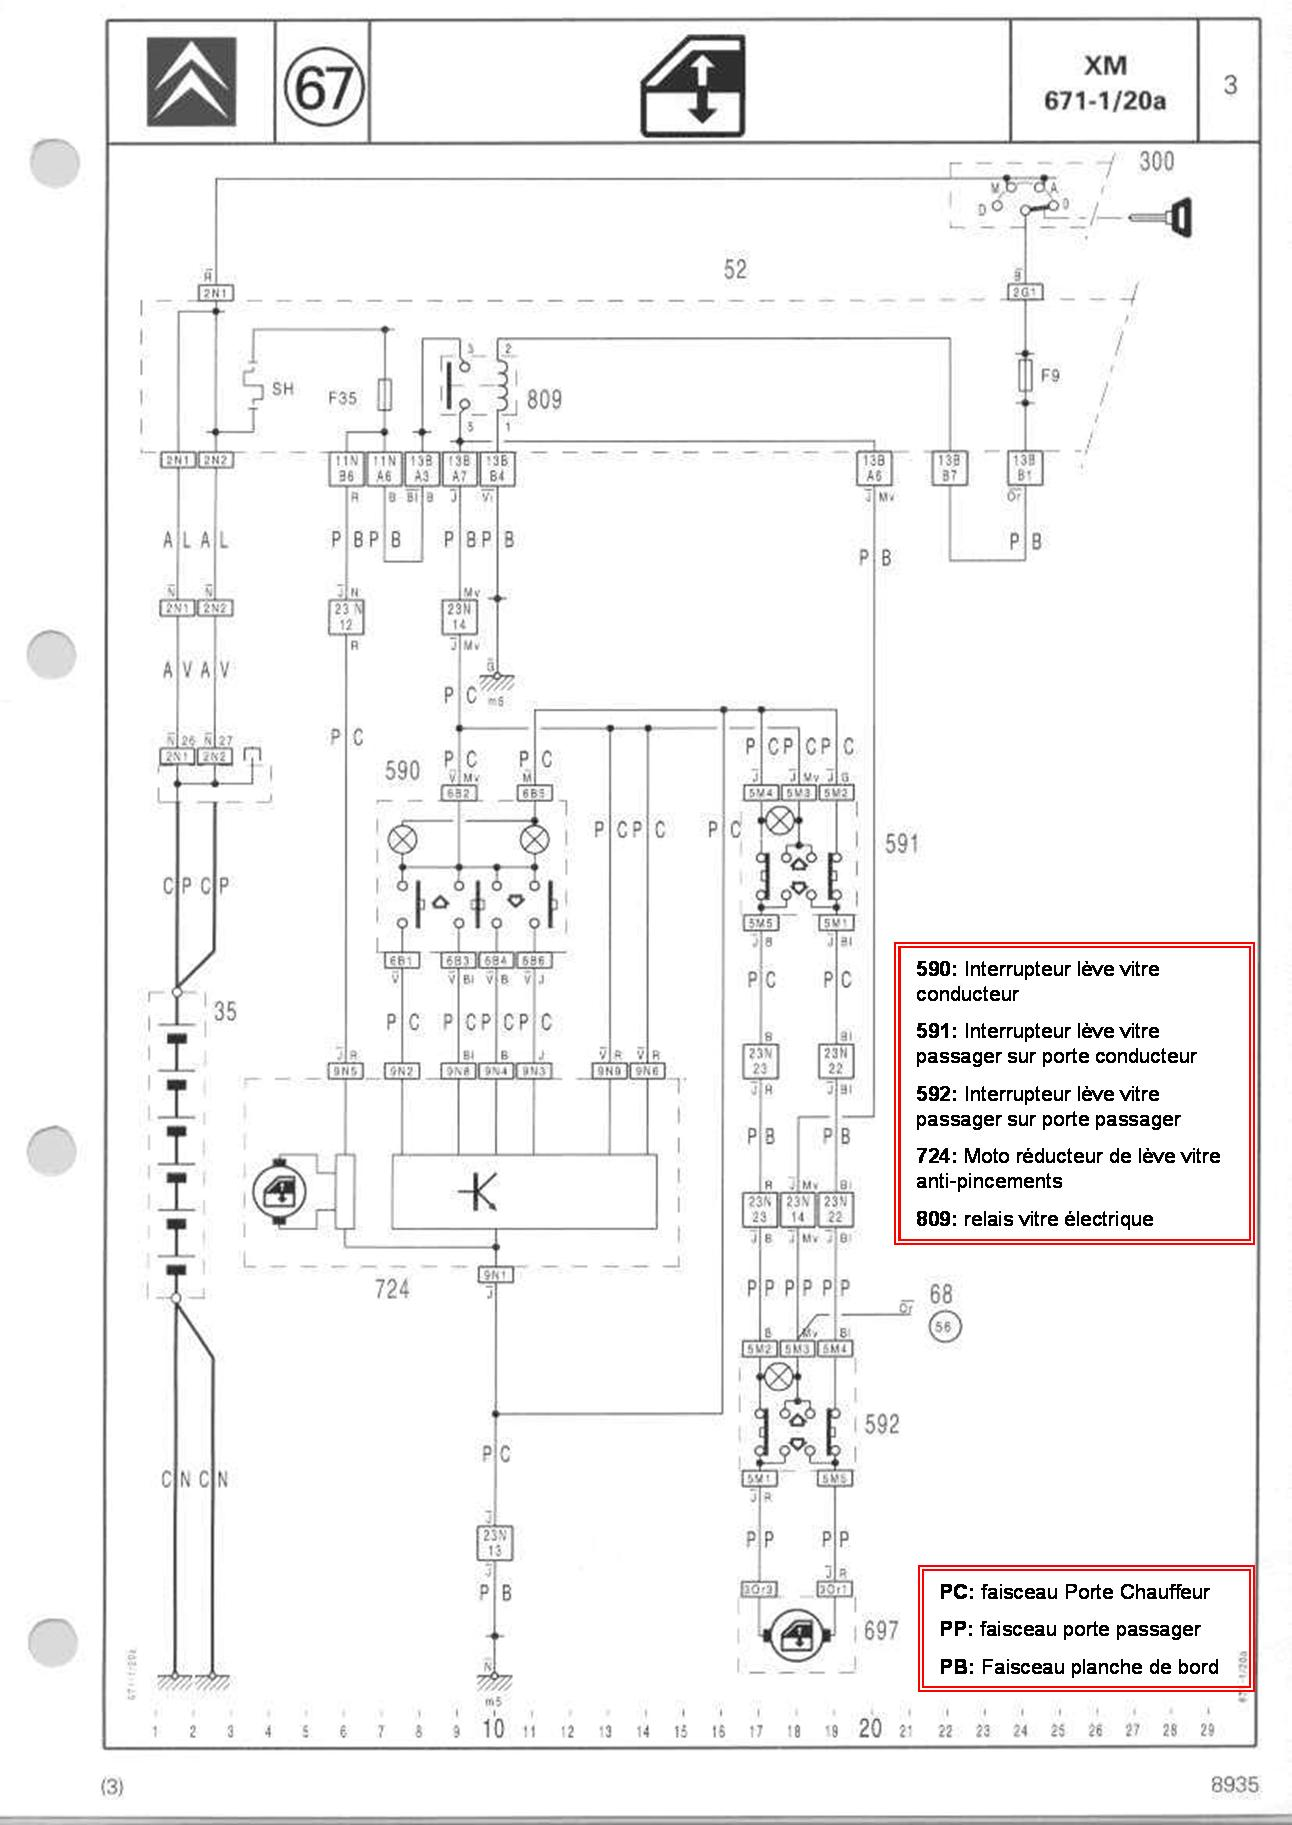 bouton l u00e8ve vitre  u00e9lectrique automatique  u00b7 1 seule pression  u00b7 xm dt 12 1992